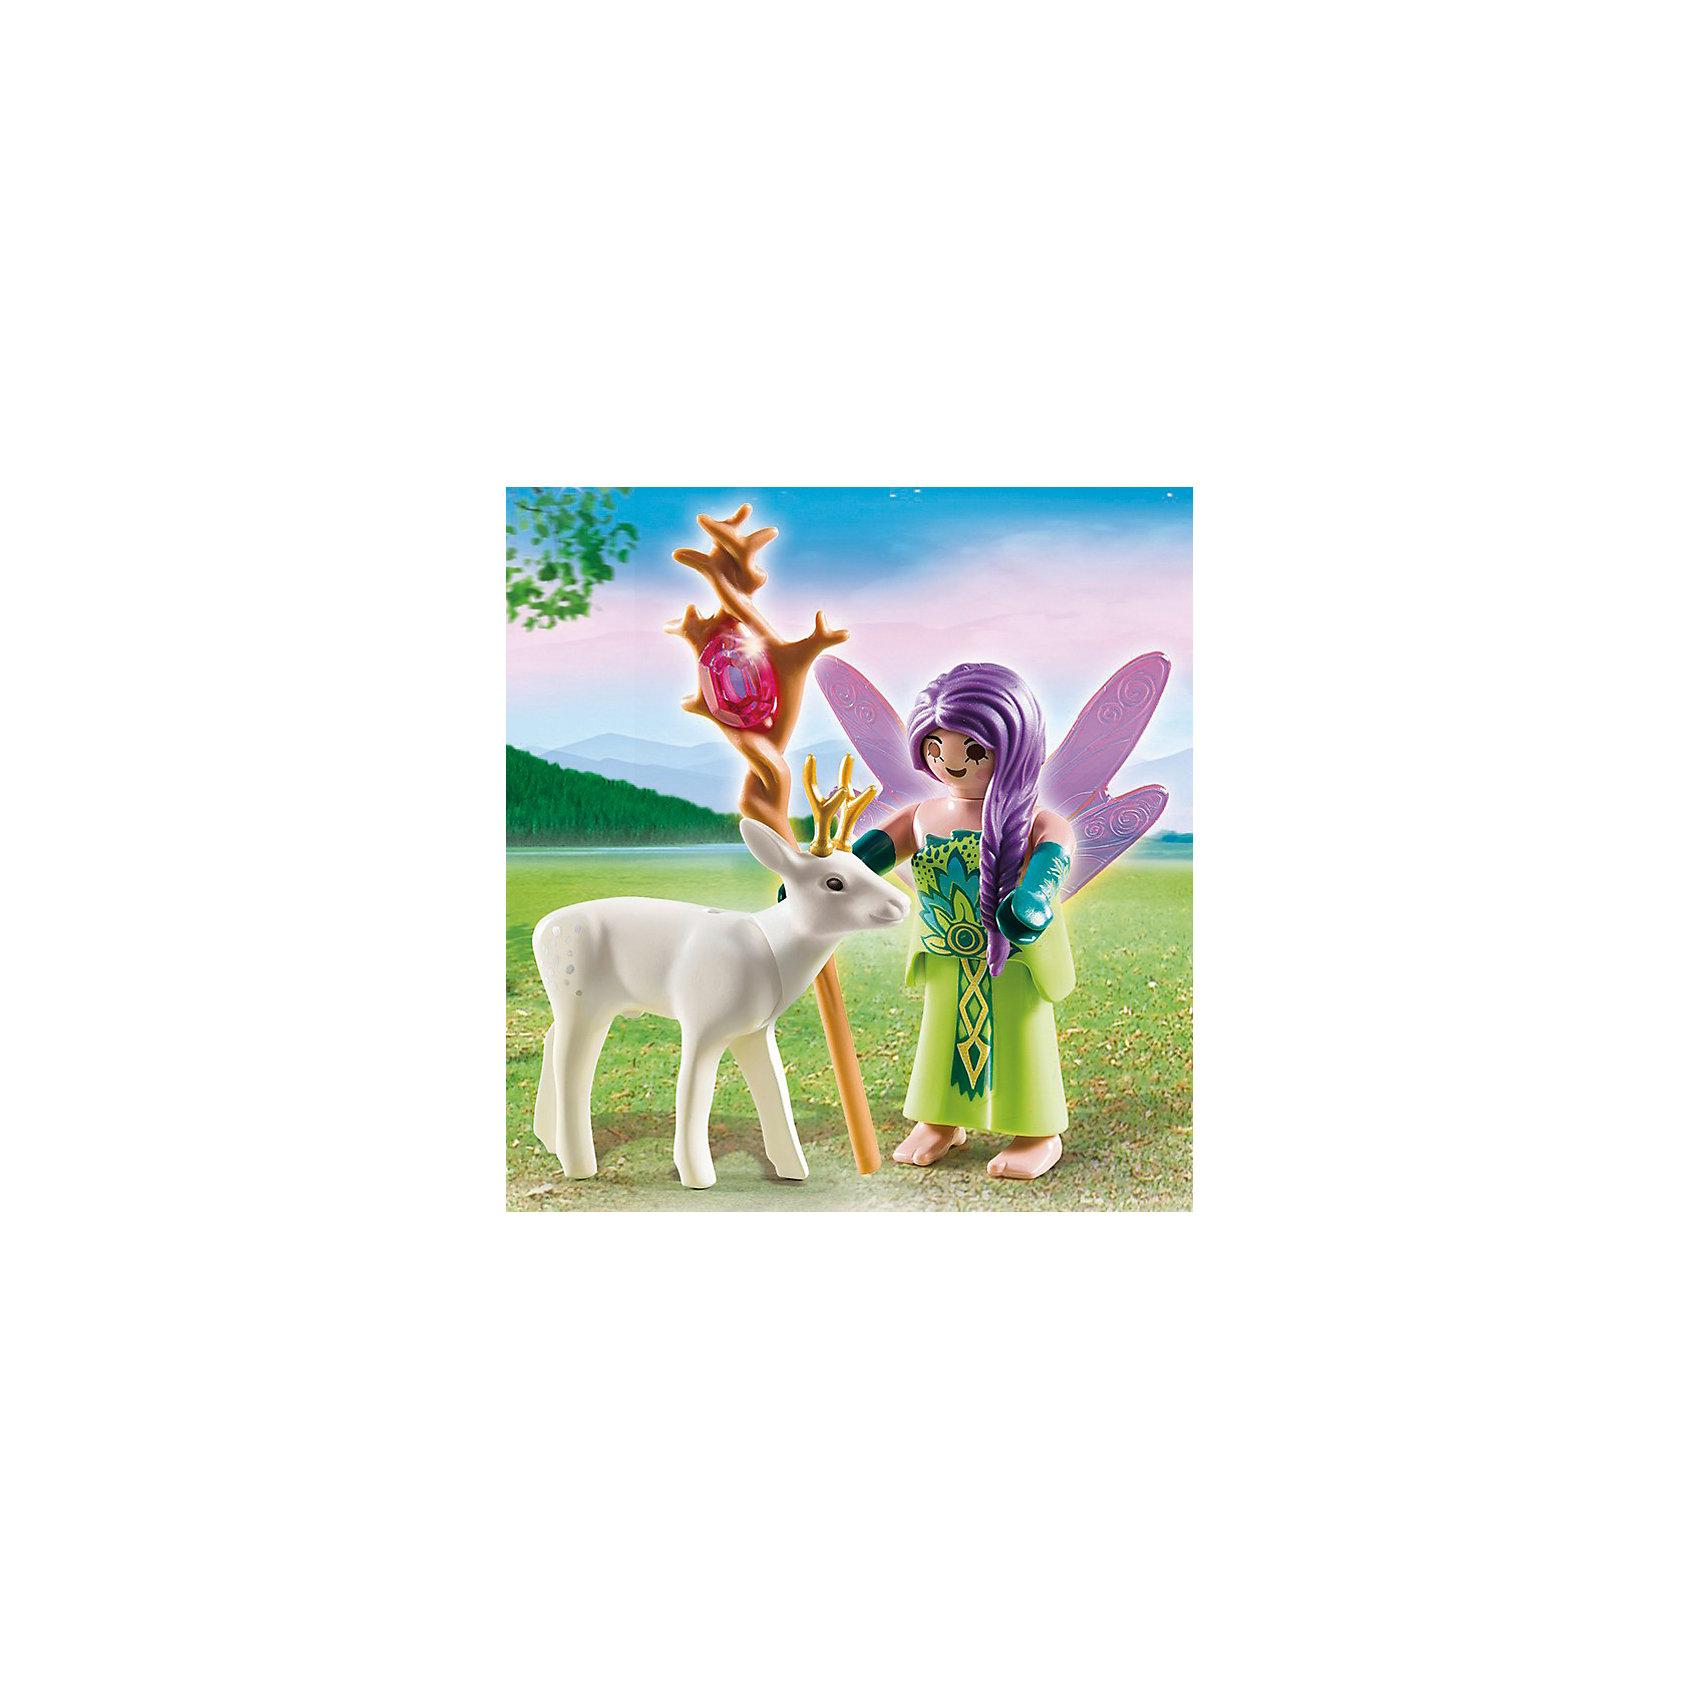 PLAYMOBIL® Экстра-набор: Фея с оленем, PLAYMOBIL playmobil® экстра набор пират и сундук с сокровищами playmobil